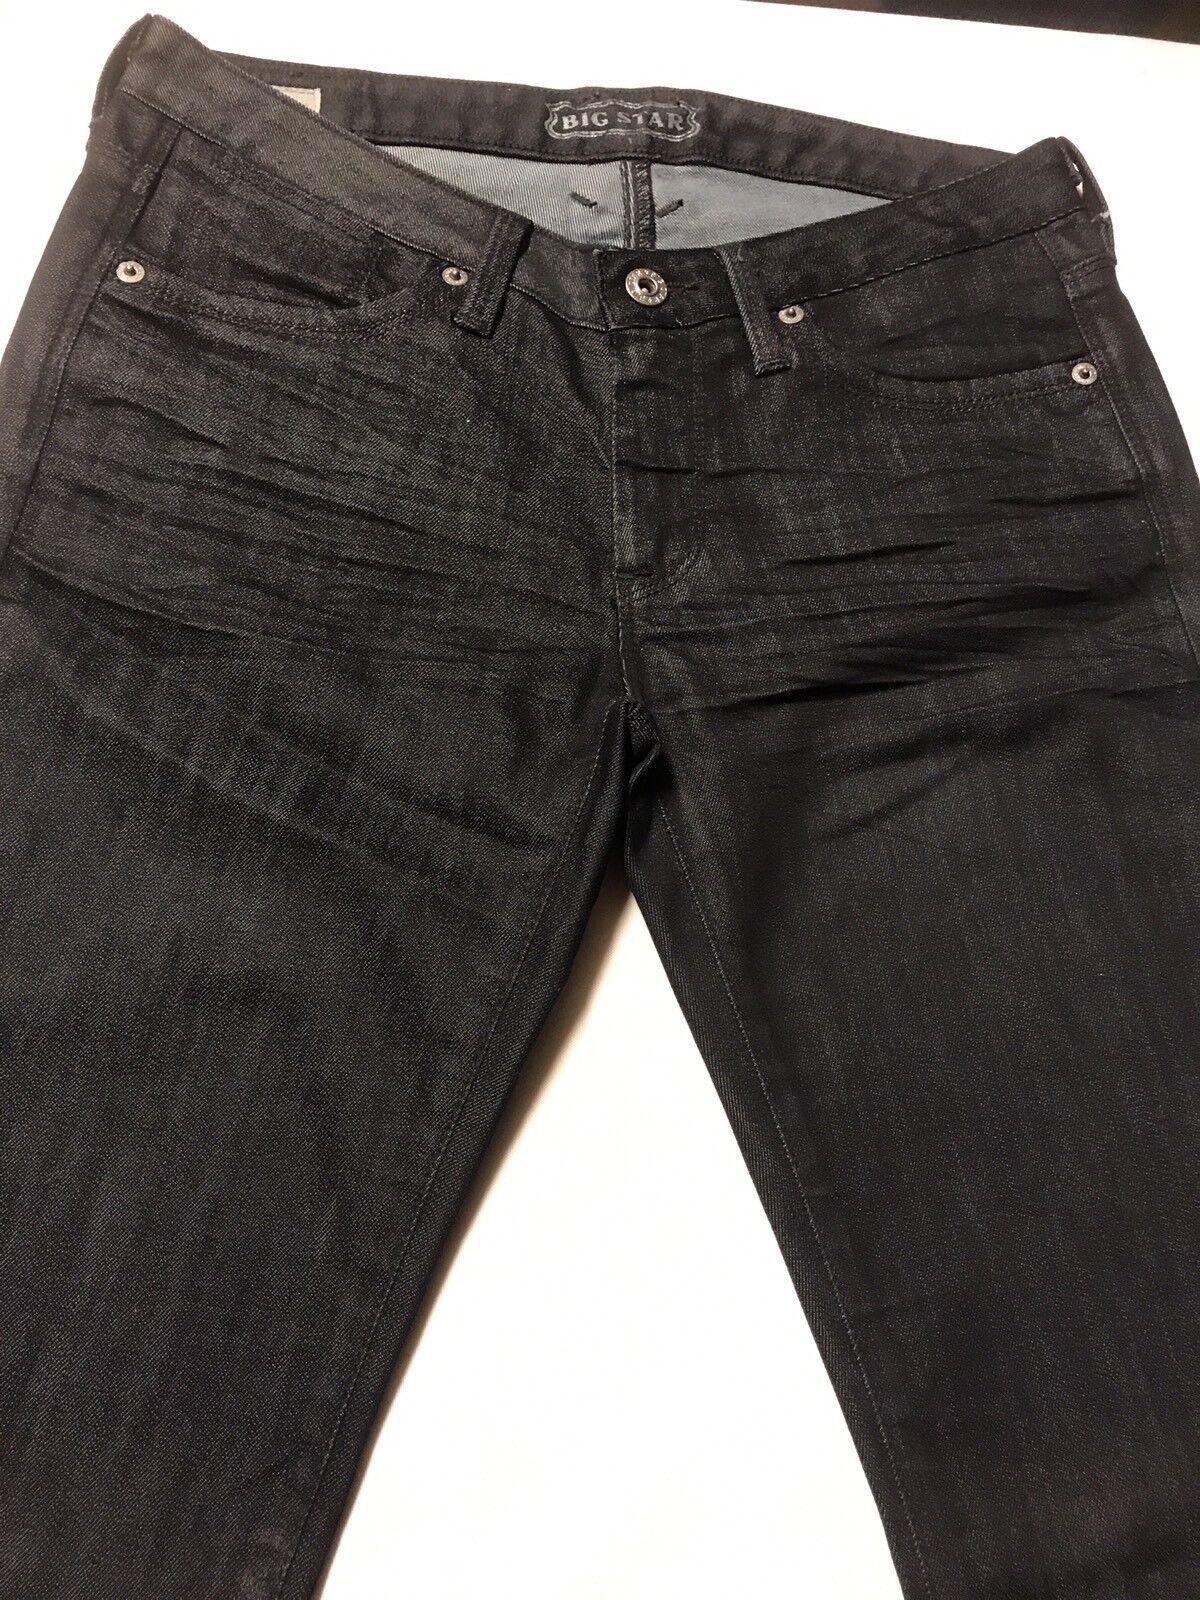 MWOT Big Star-Liz-Womens Jeans-Sz.26R-Skinny Low Rise-Cotton Blend DK bluee Denim